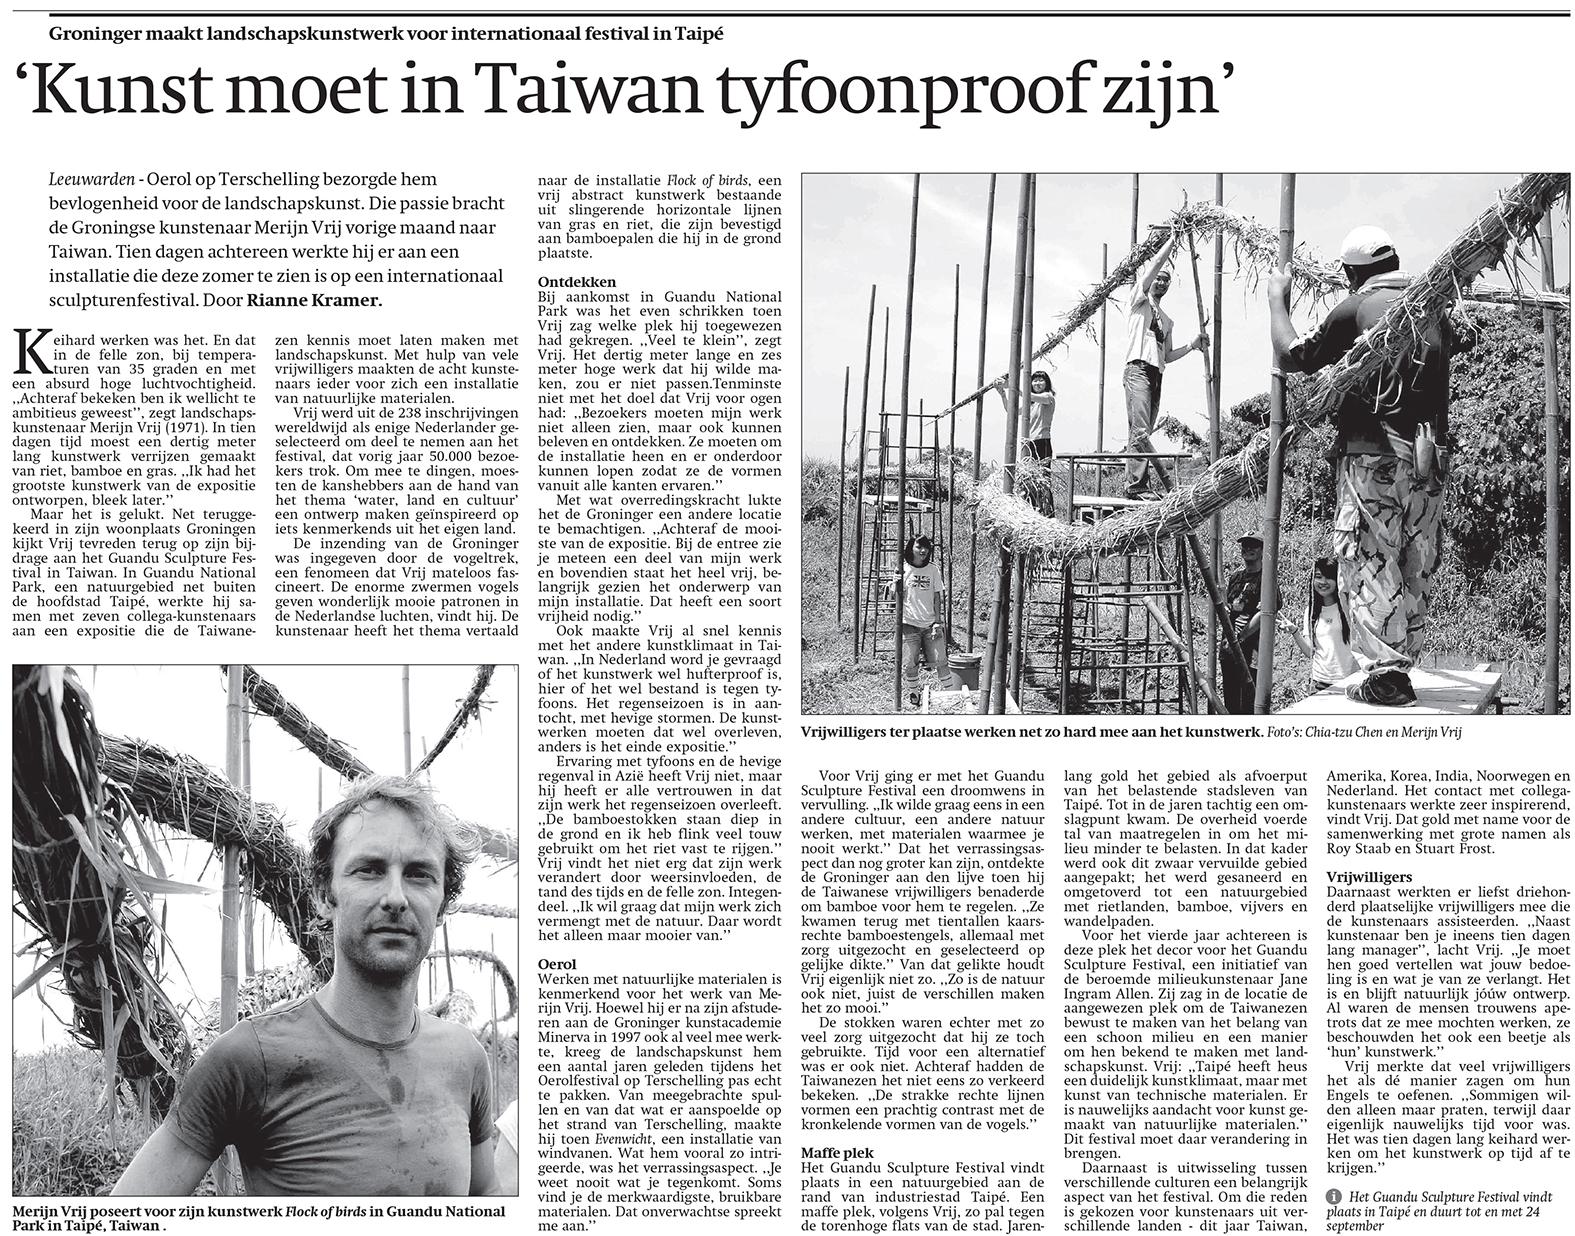 MVrij_TaiwanFOB_krant1.jpg